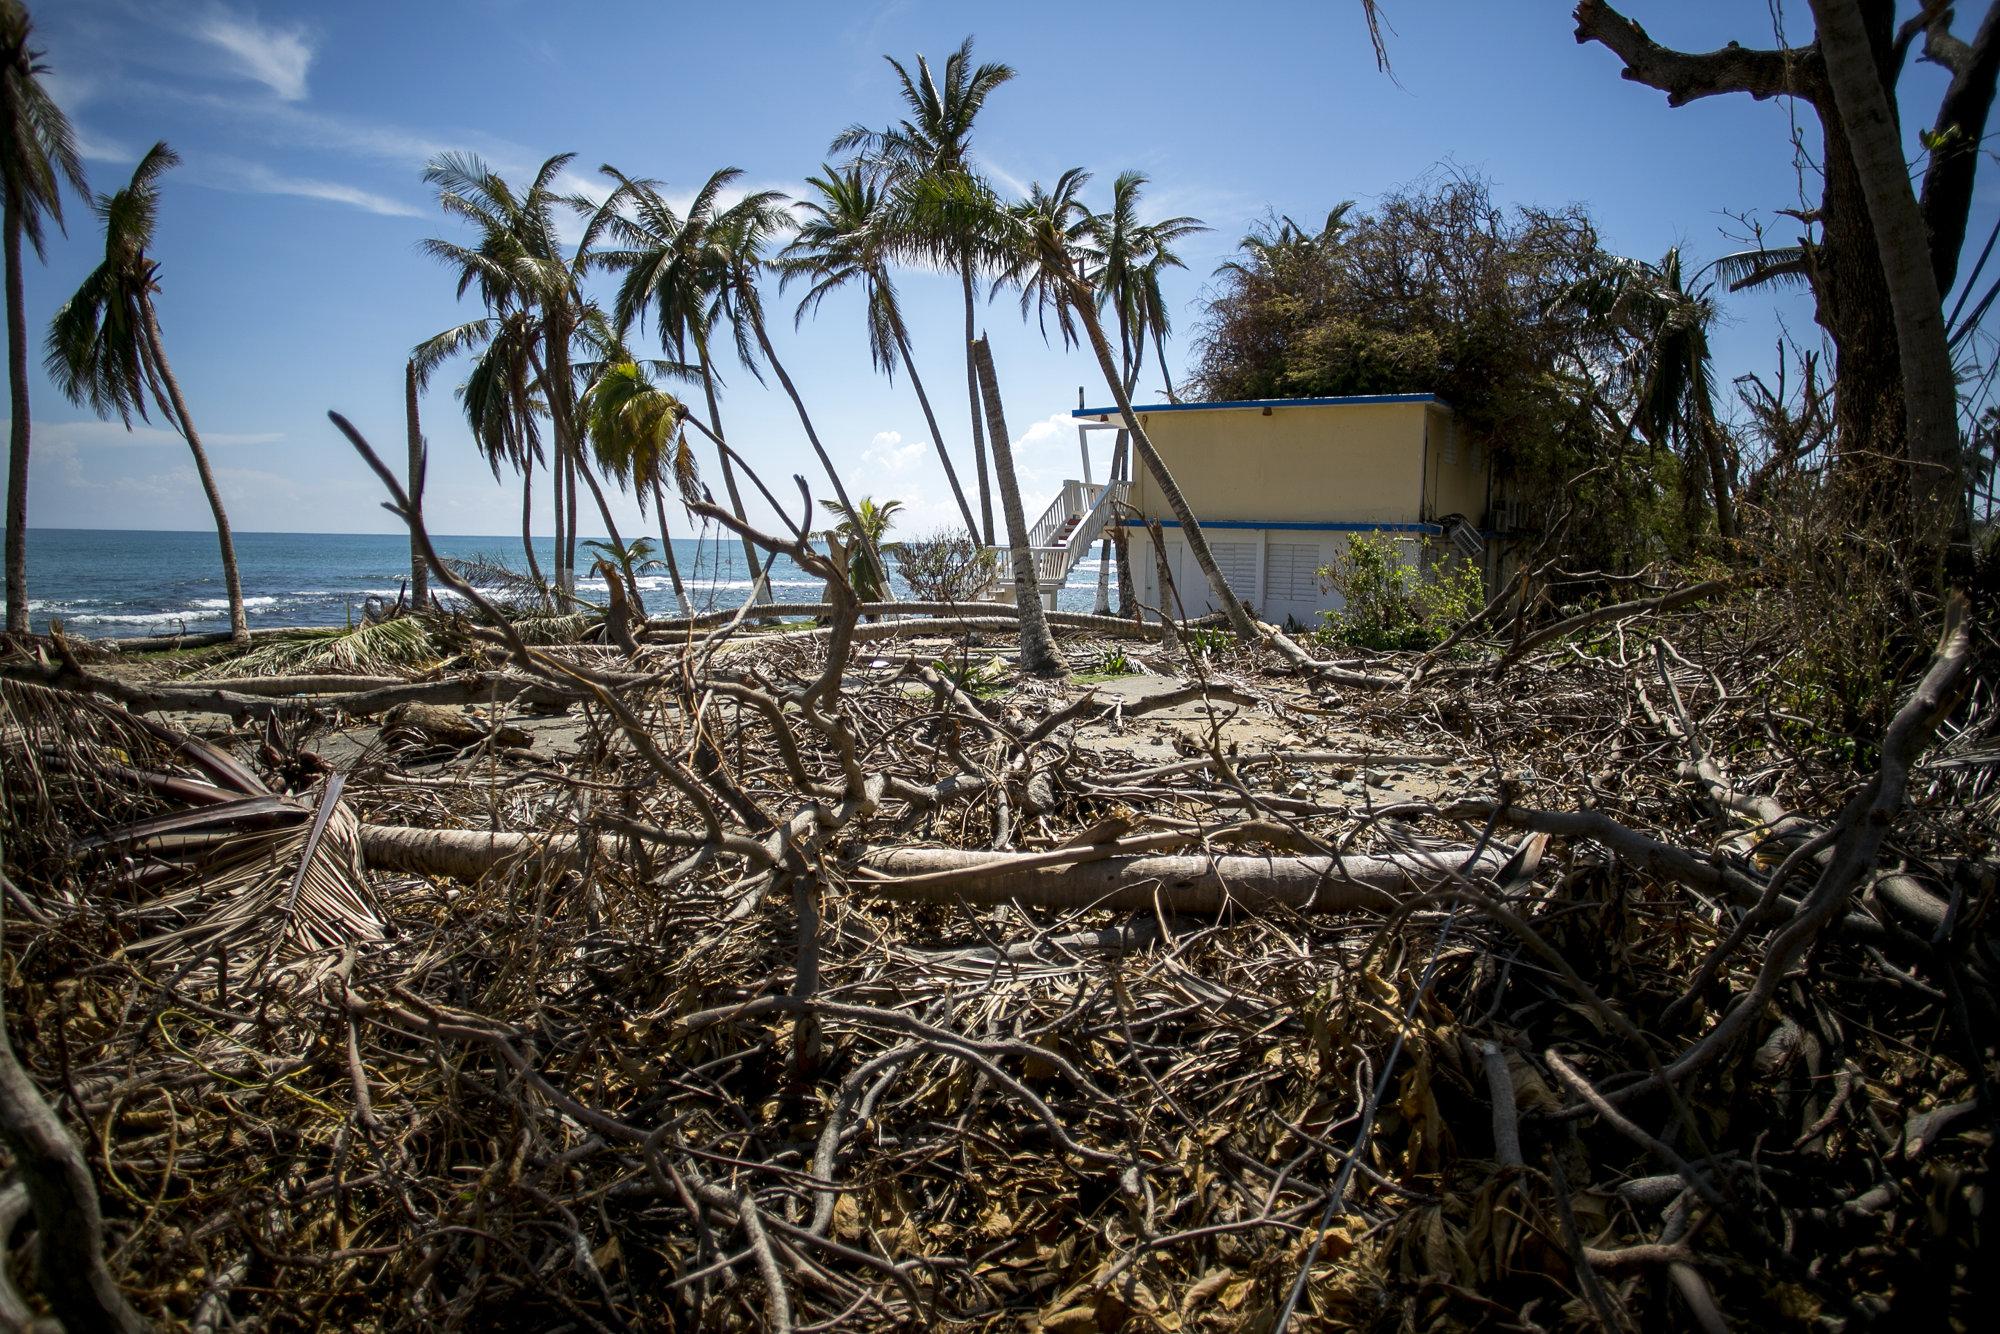 Αποτέλεσμα εικόνας για US Hurricane season causes $202.6 billion damage